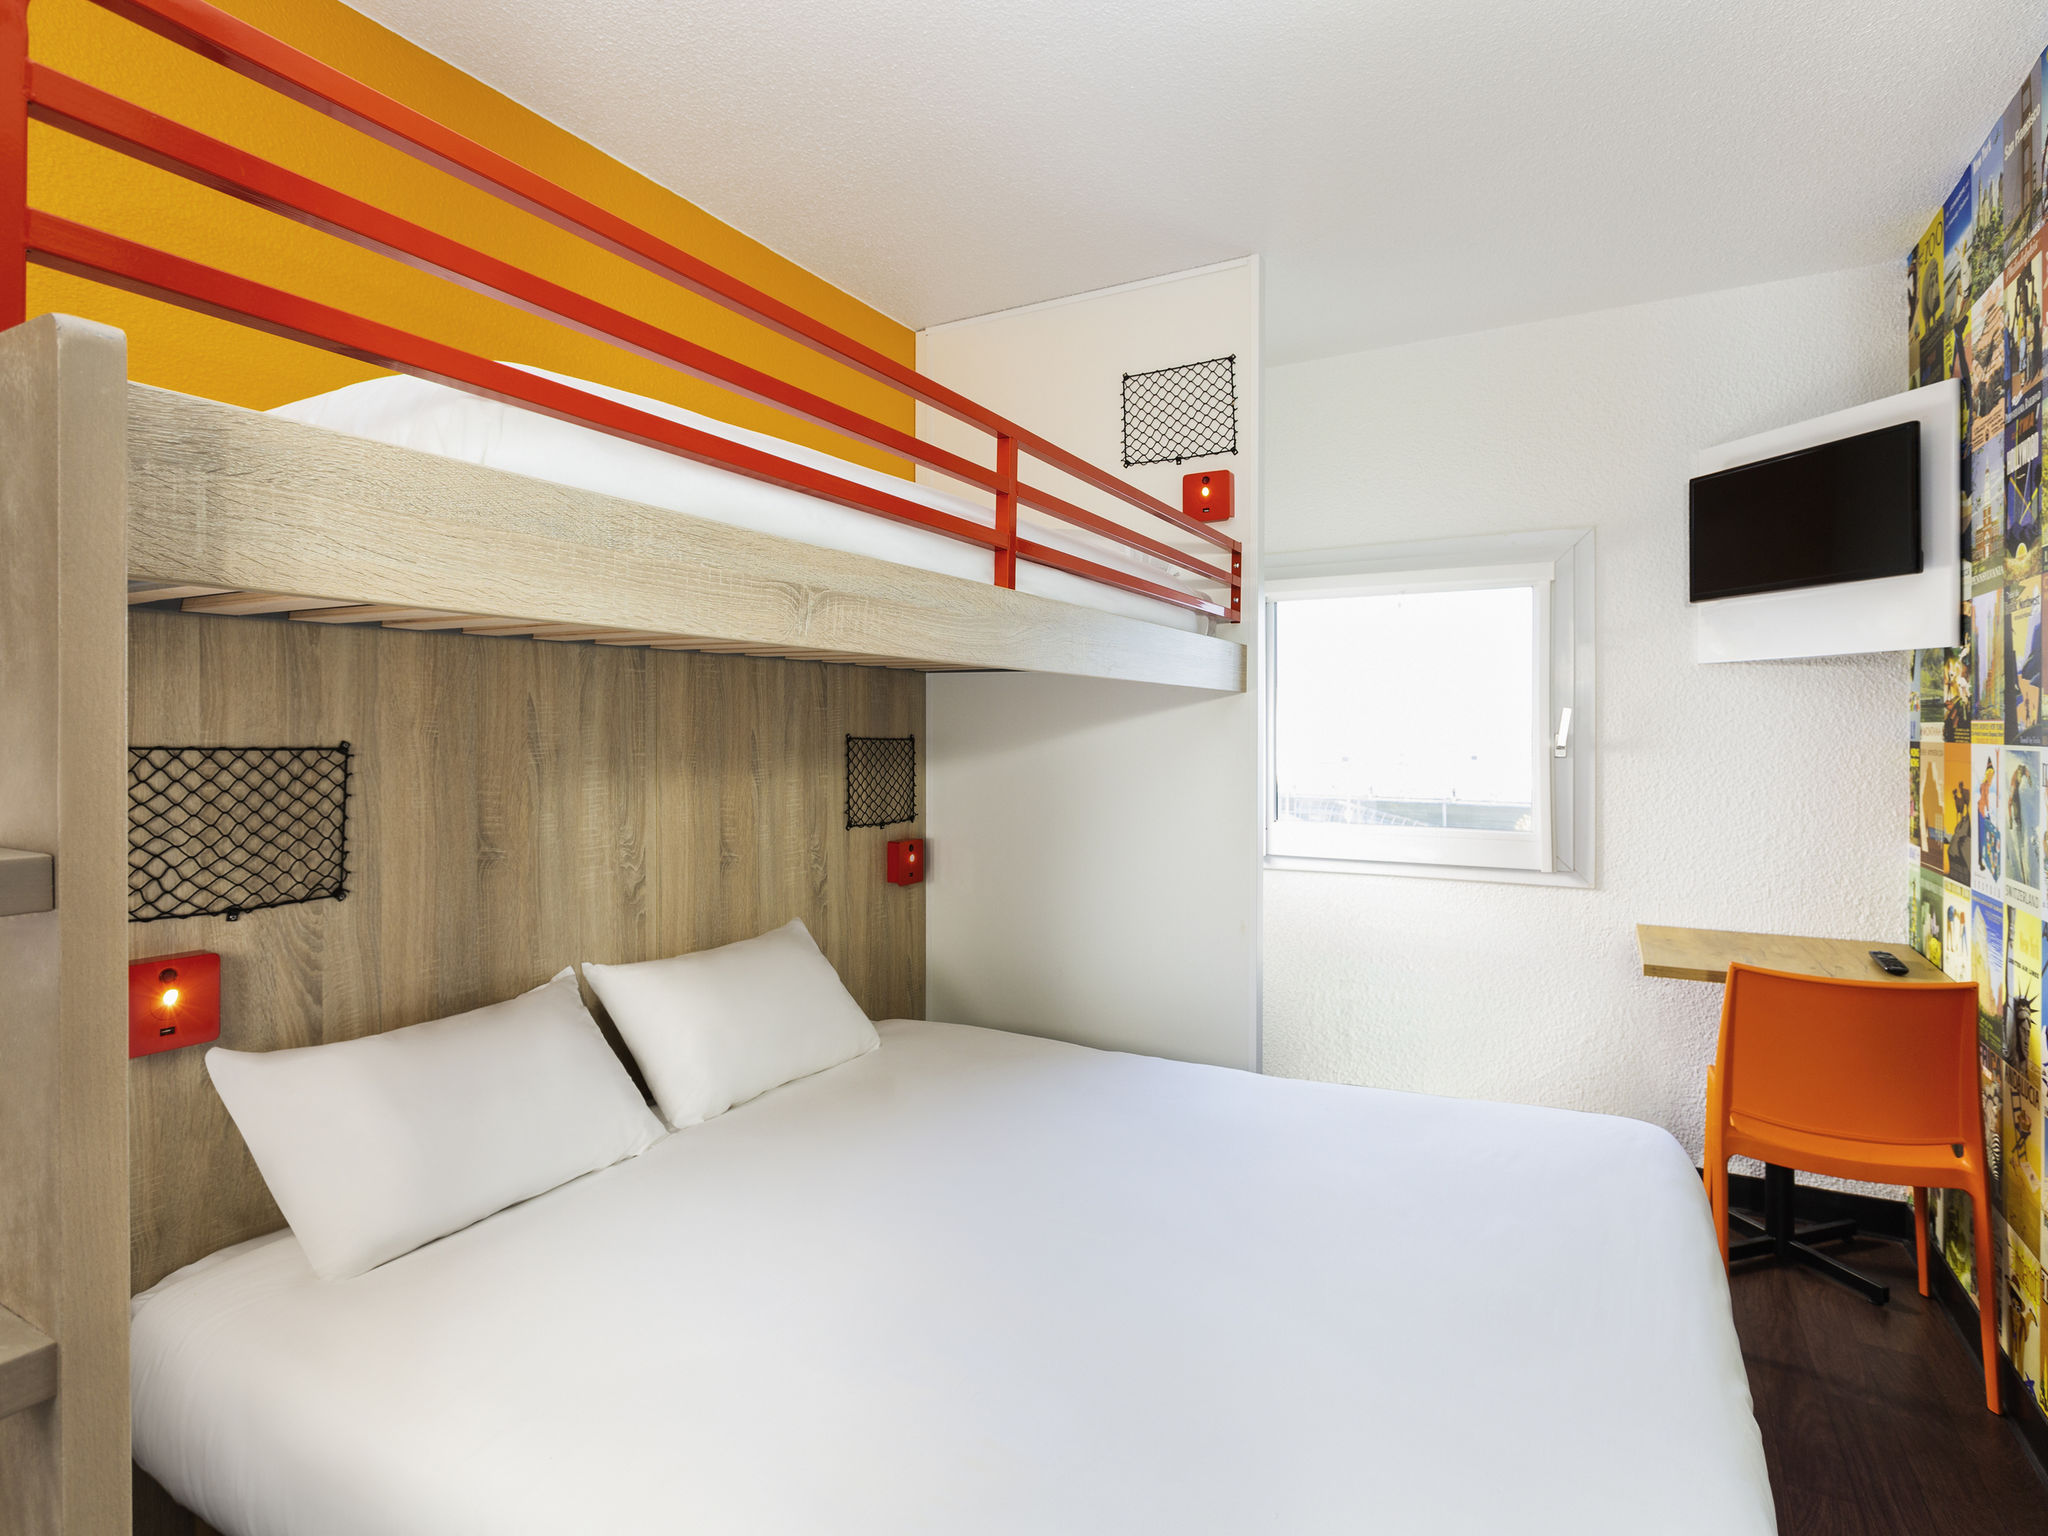 Hotel – hotelF1 Fréjus Roquebrune sur Argens